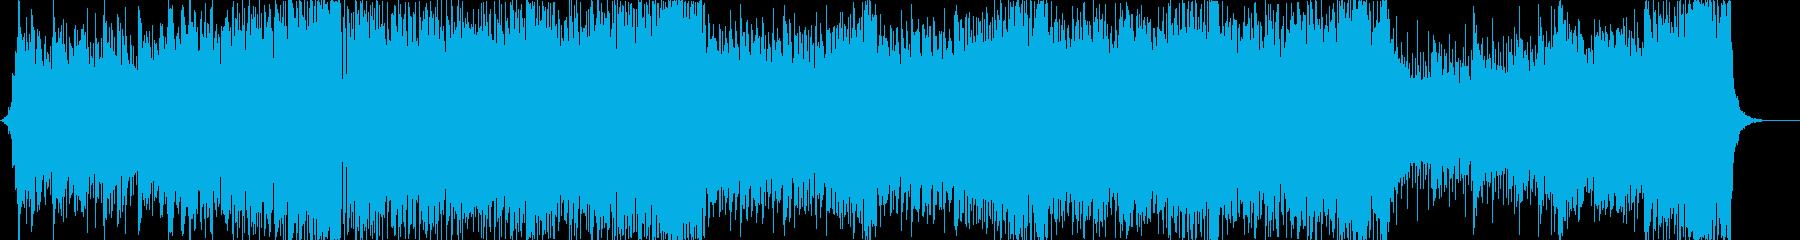 PopなEDMと攻撃的なベースハウスの再生済みの波形